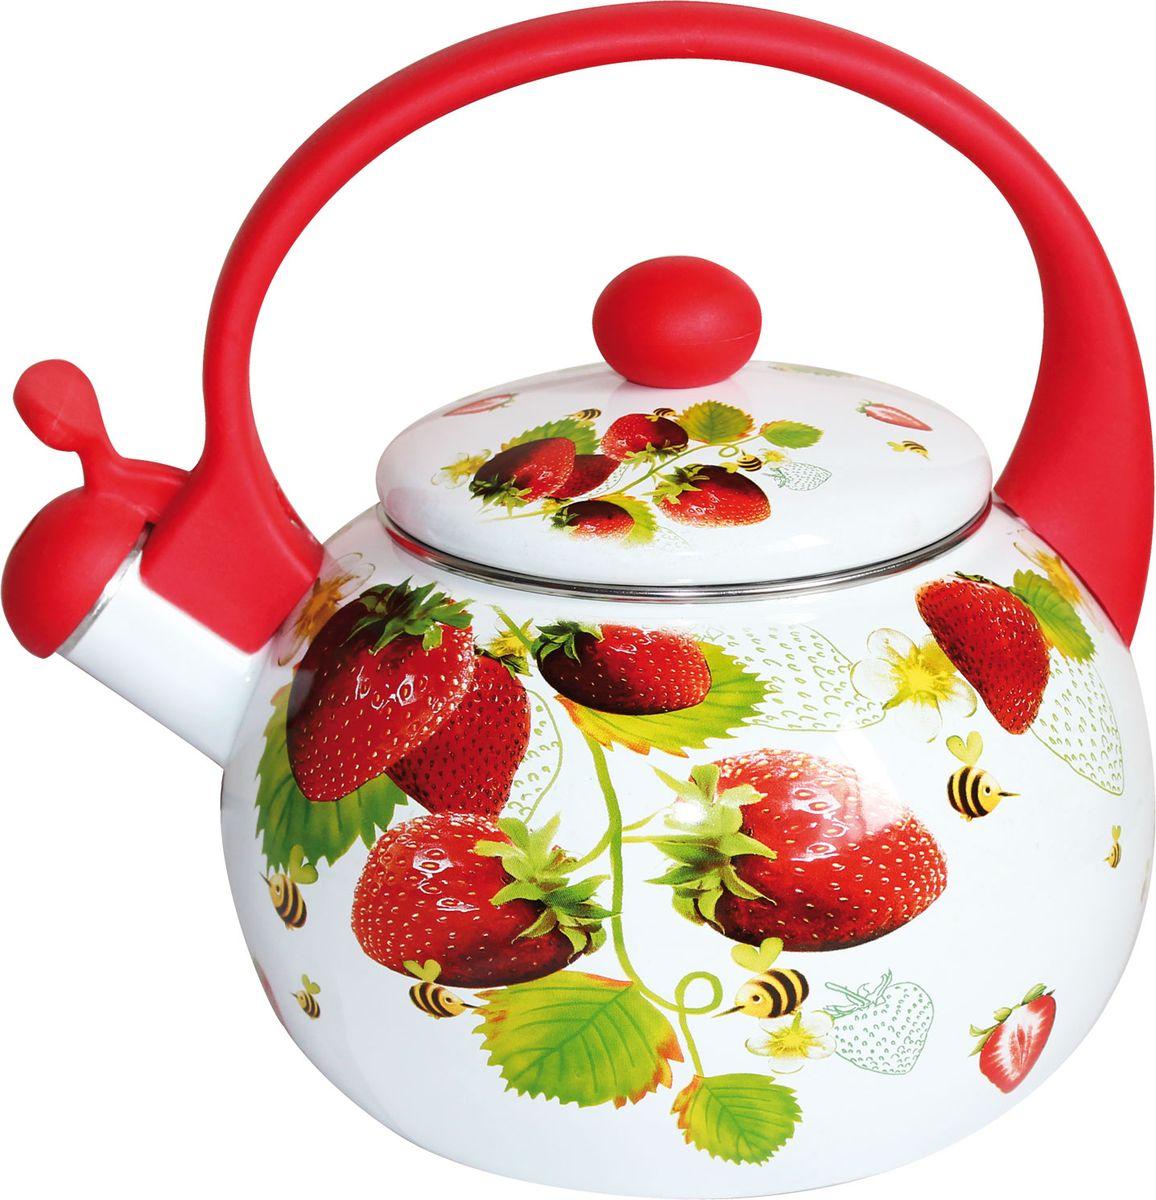 Чайник Rainstahl, со свистком, цвет: белый, 2,2 л. 7541-22RS\WK отделитель вишневых косточек rainstahl цвет белый красный